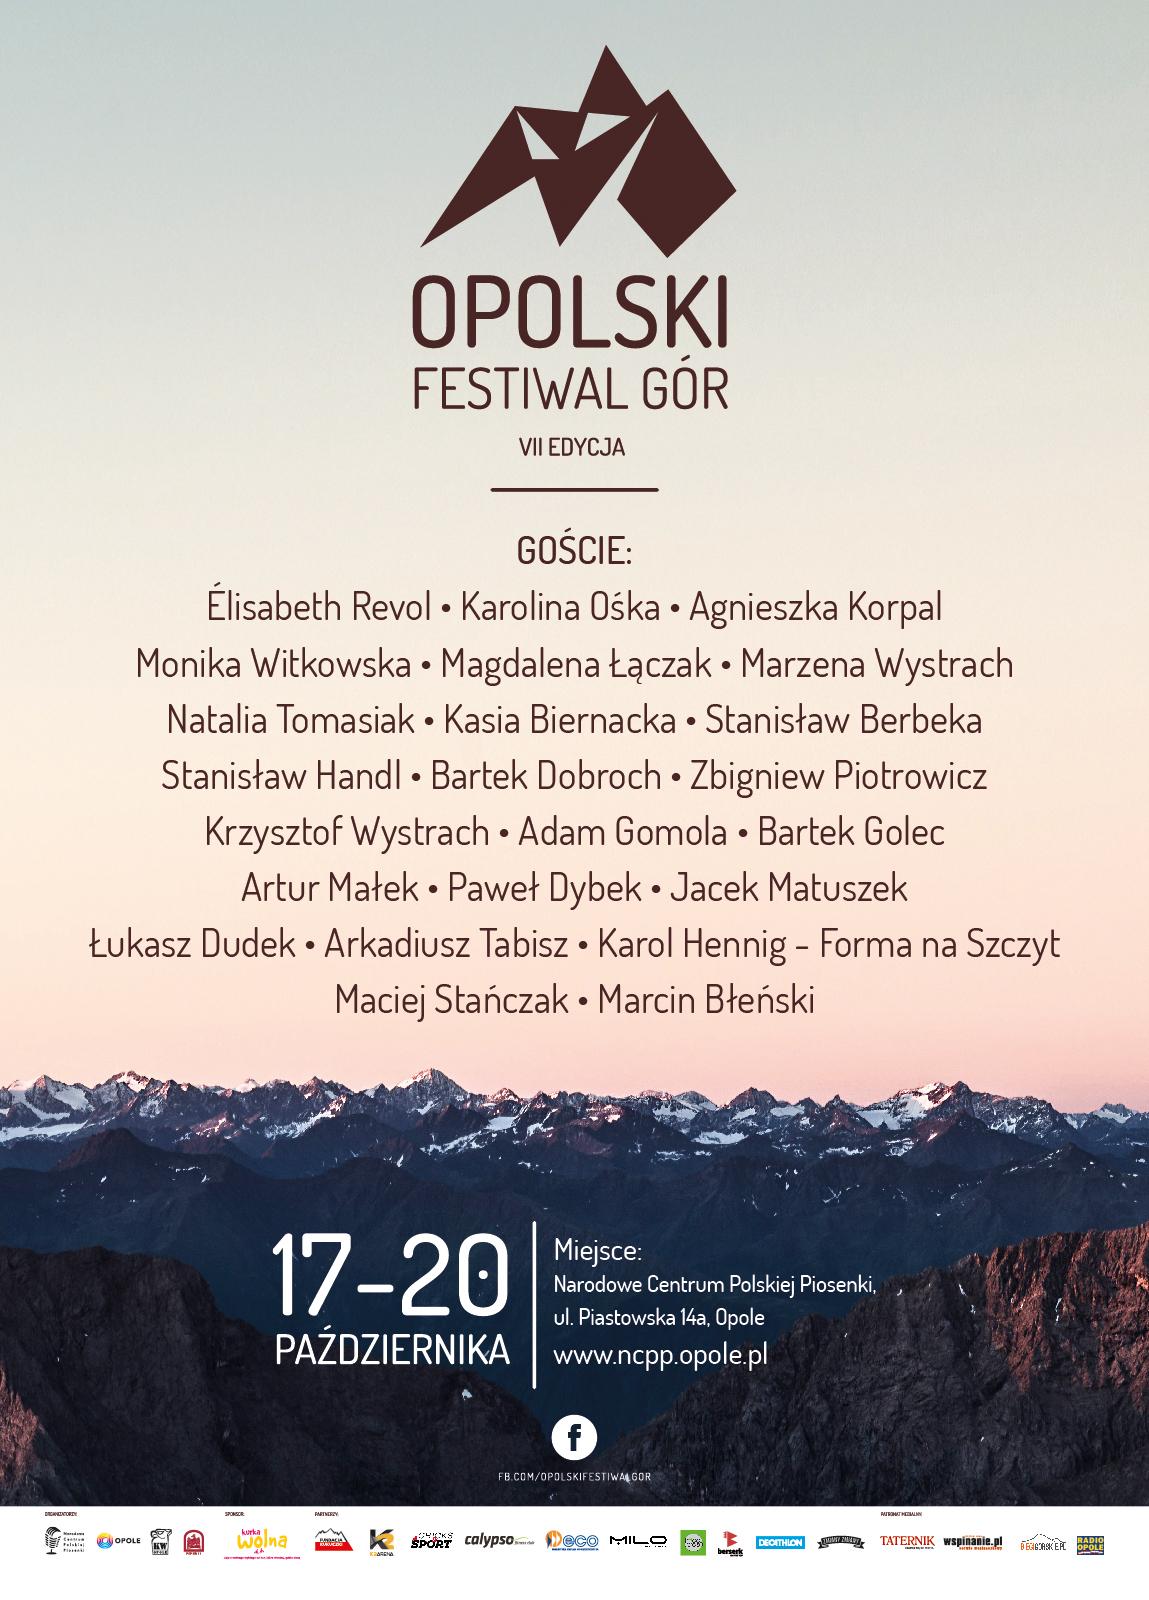 Opolski festiwal gor plakat